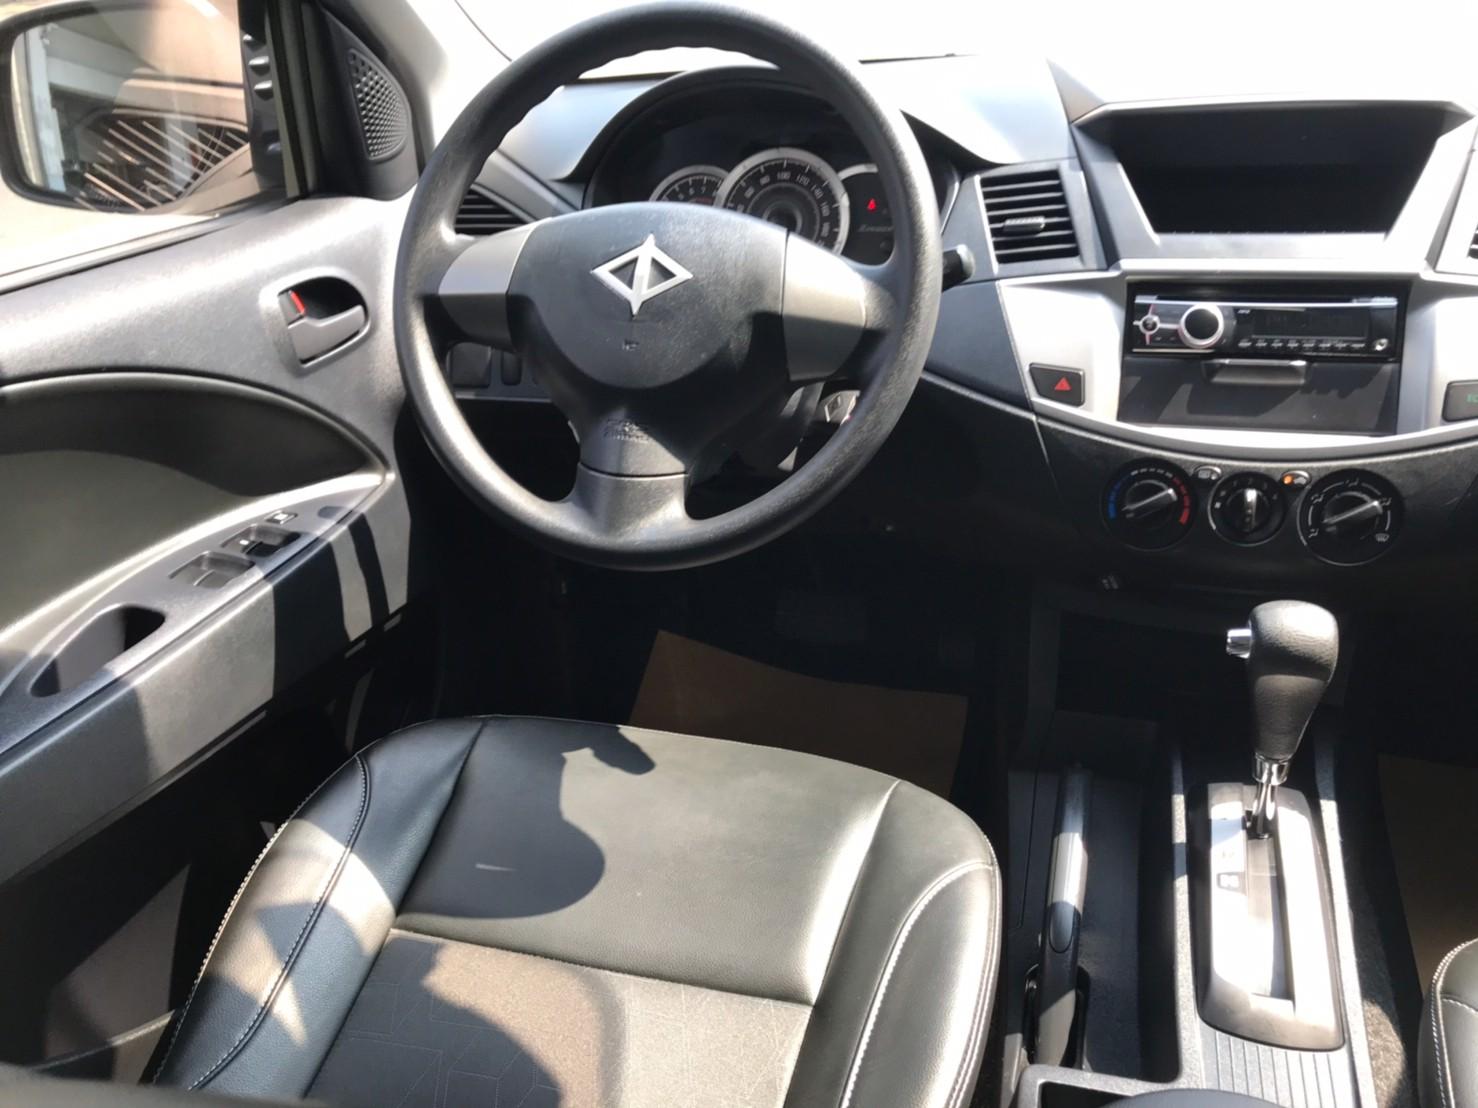 2018勁歌 銀 里程保證4萬多 優質商用車 39.8萬  可認證_210828_6